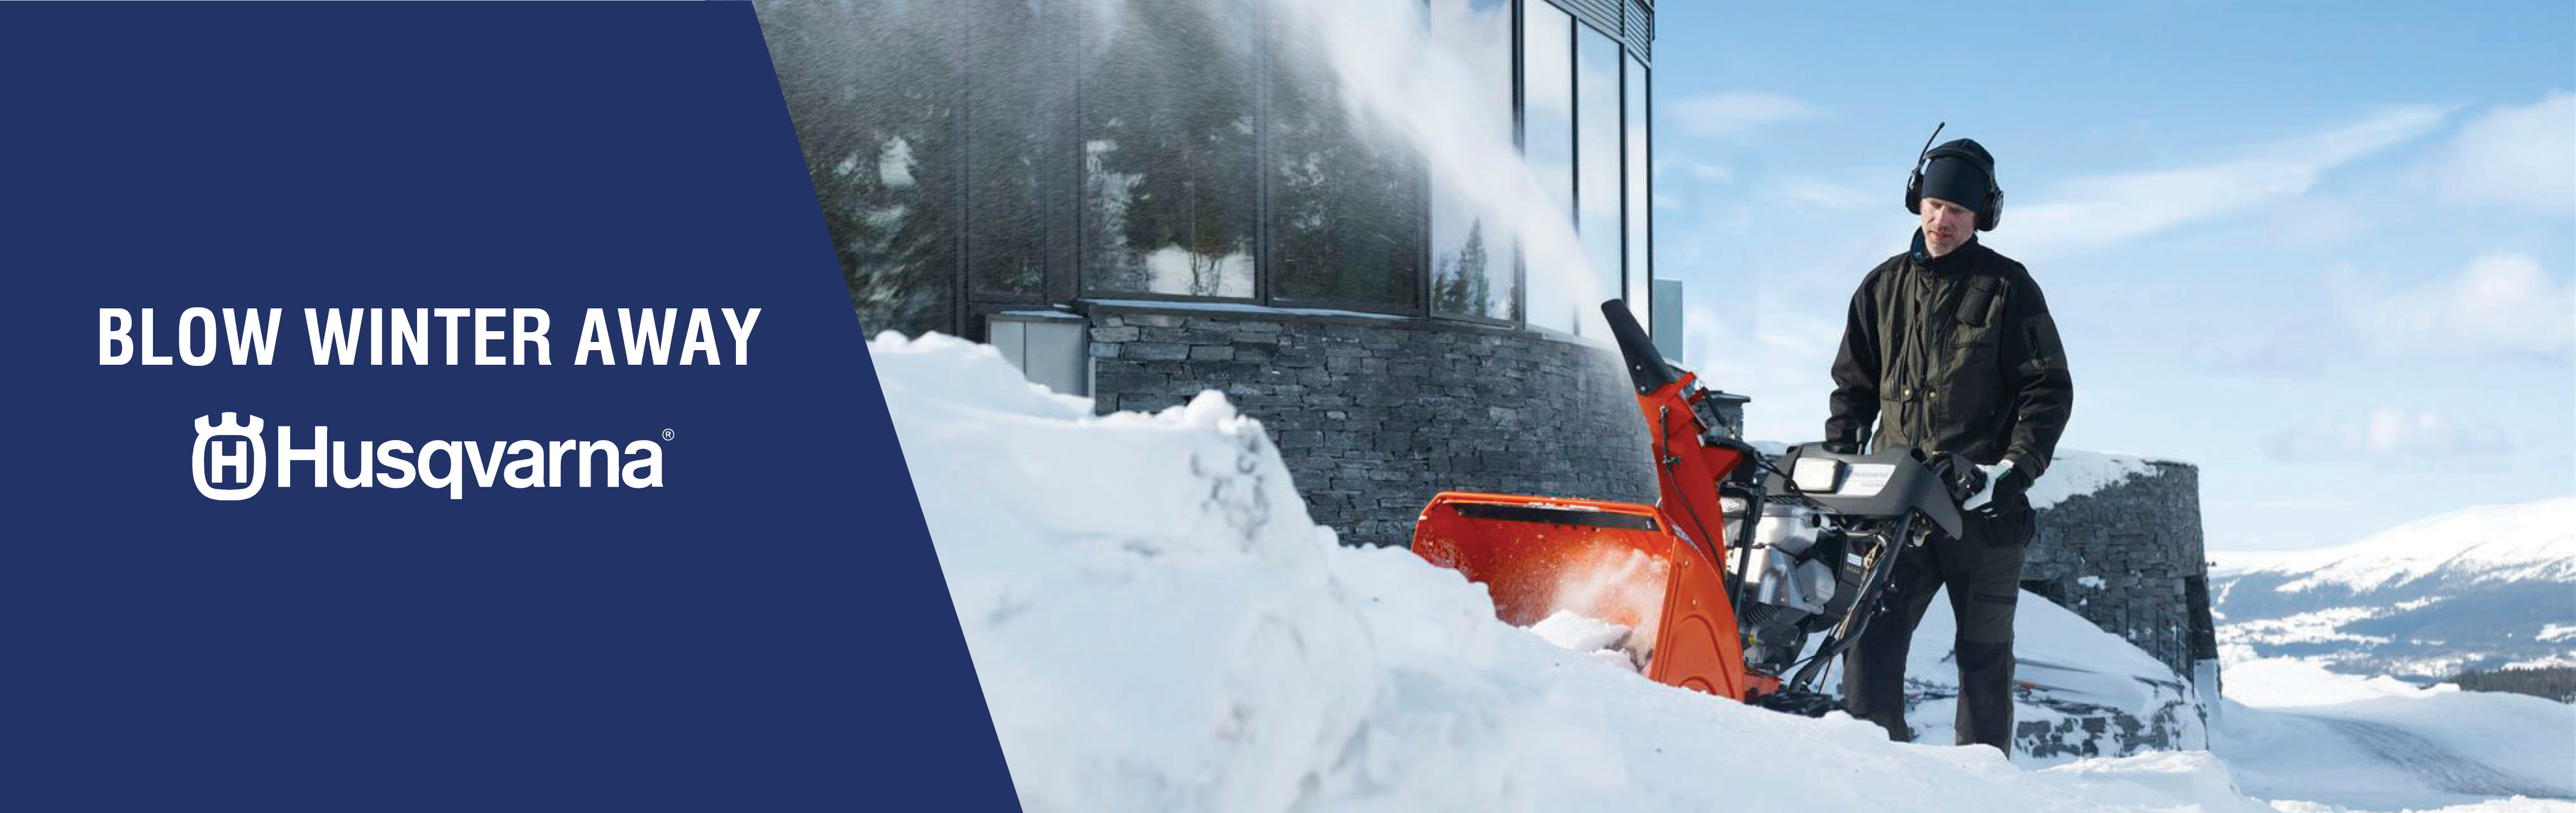 Sliders-Snowblowers-Power-Equipment2